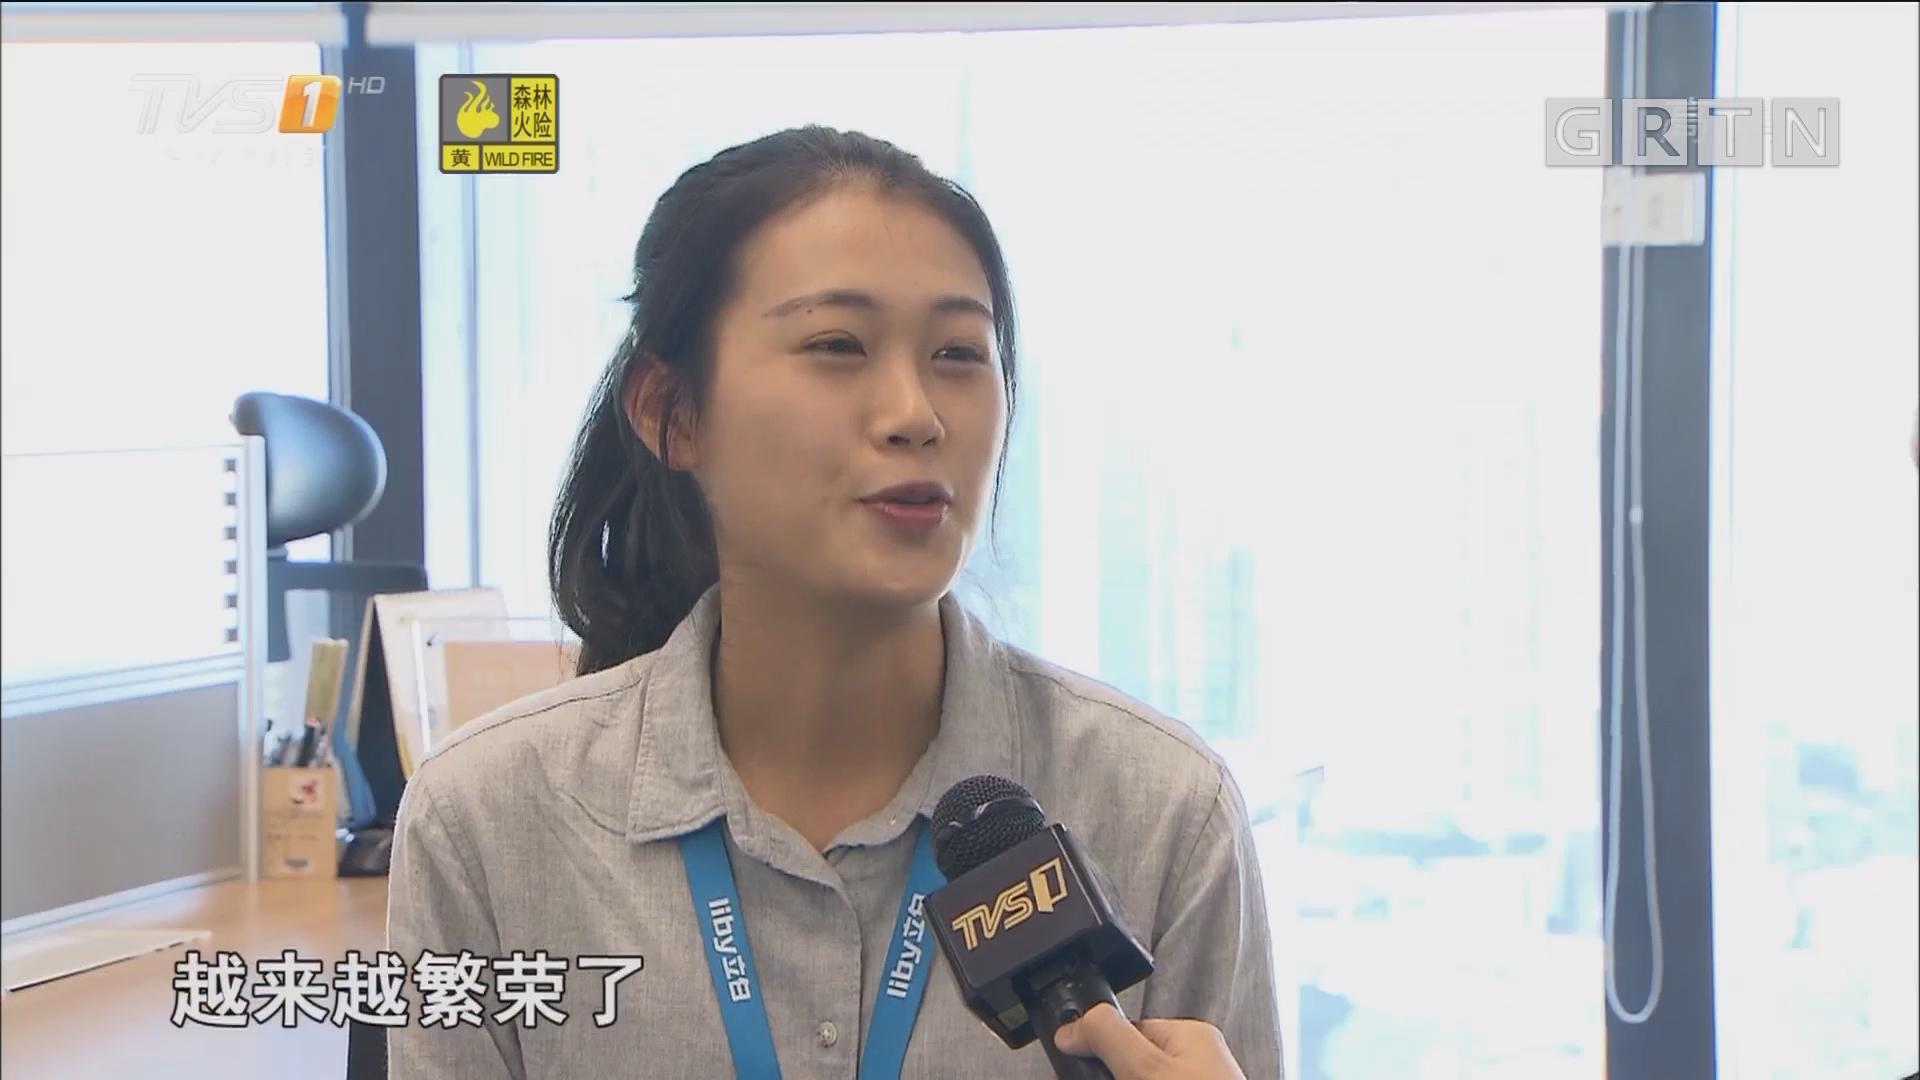 聚焦十九大 广州大型企业员工畅谈新时代